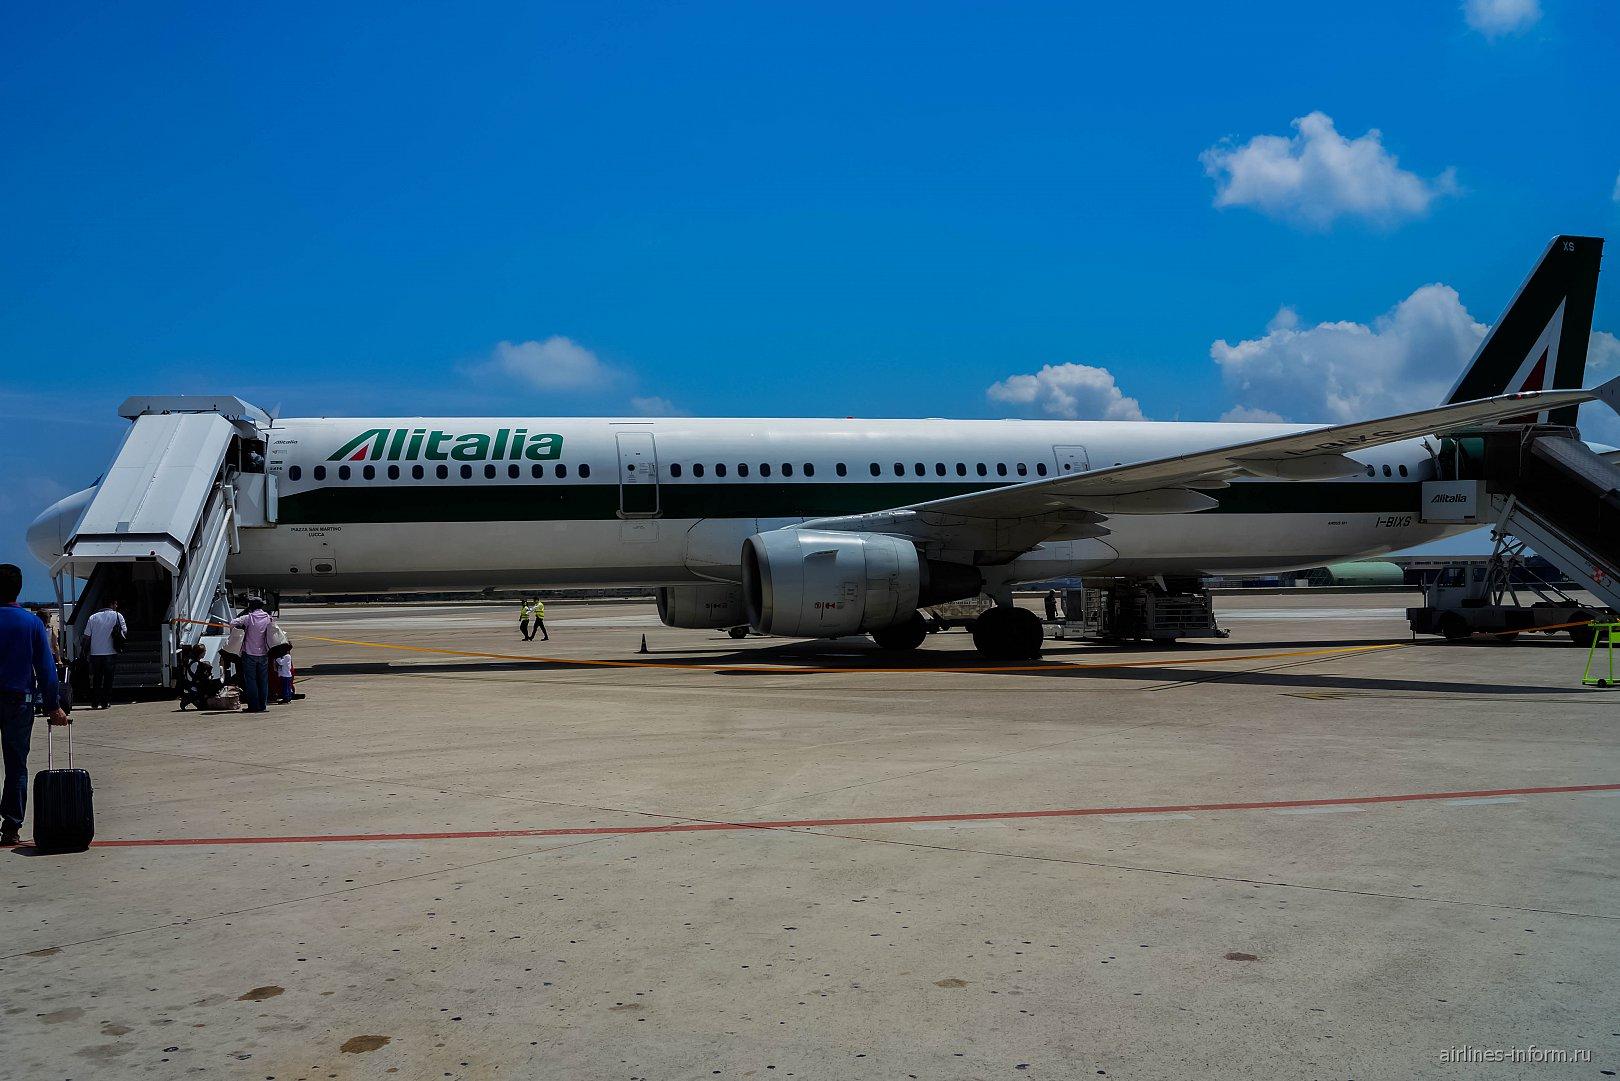 Brindisi - Rome (Fiumicino-1) with Alitalia